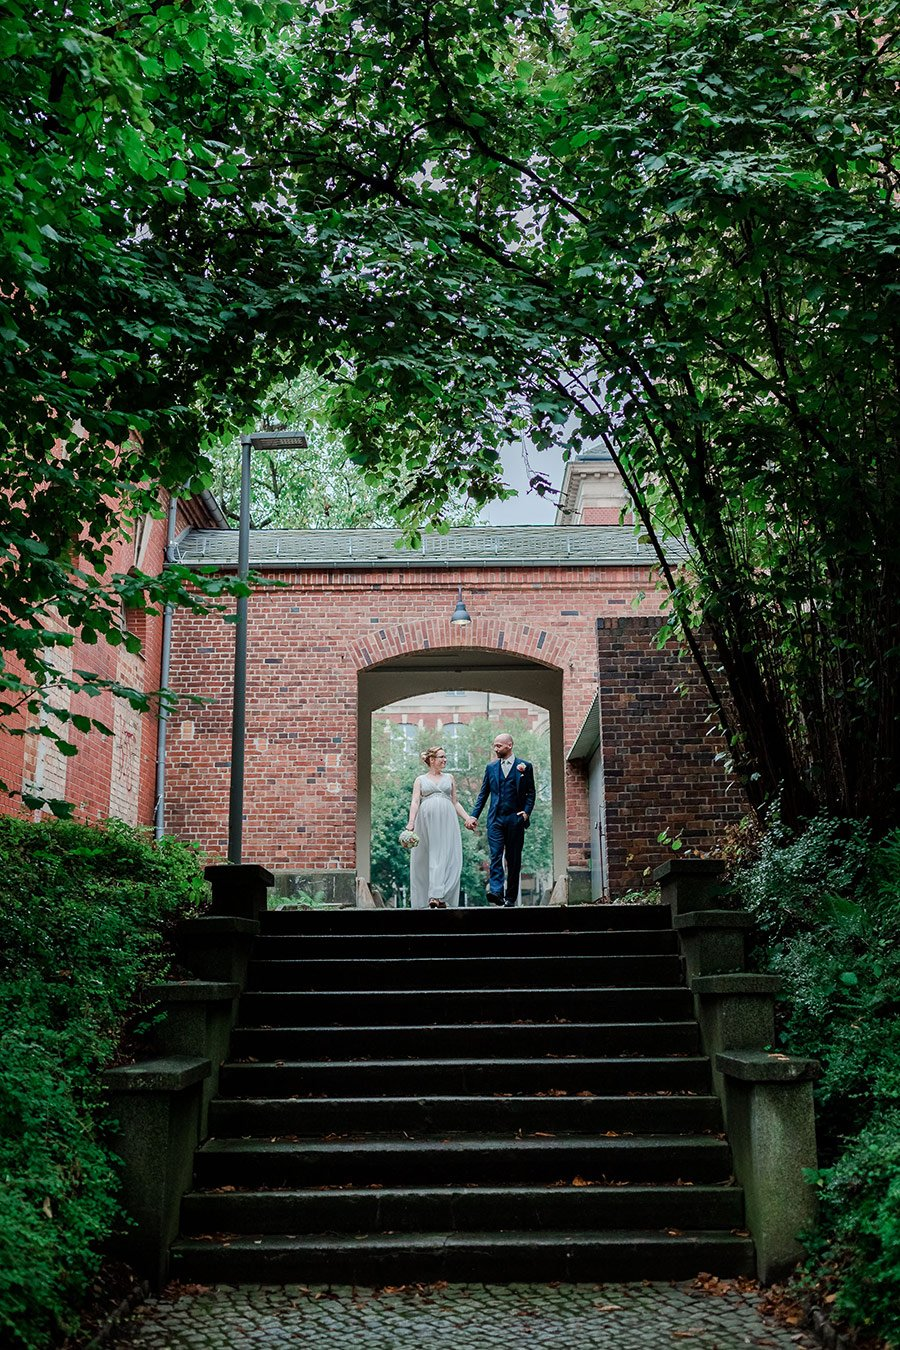 Heiraten-im-Dresdner-Zwinger-So-schoen-kann-dort-eine-Hochzeit-sein-26